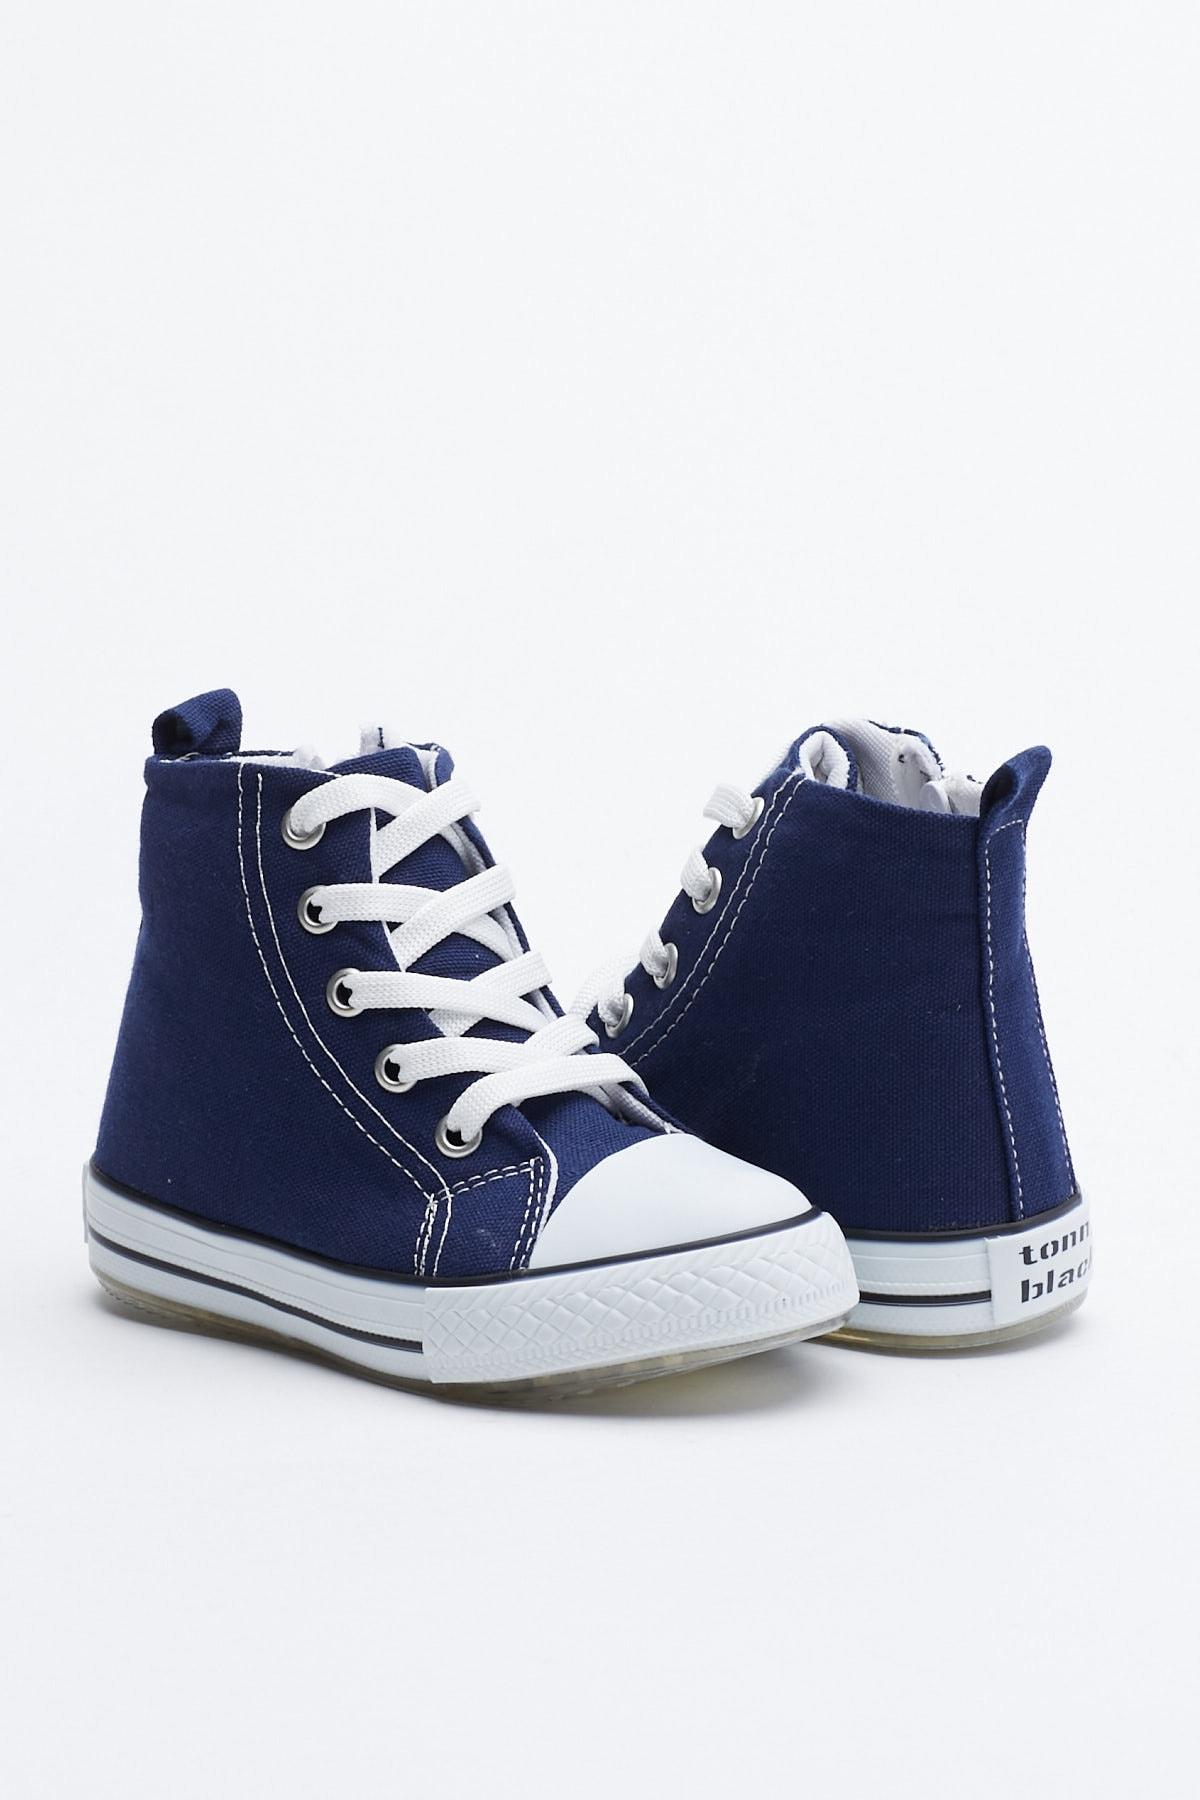 Tonny Black Lacivert Çocuk Spor Ayakkabı Uzun Tb999 1